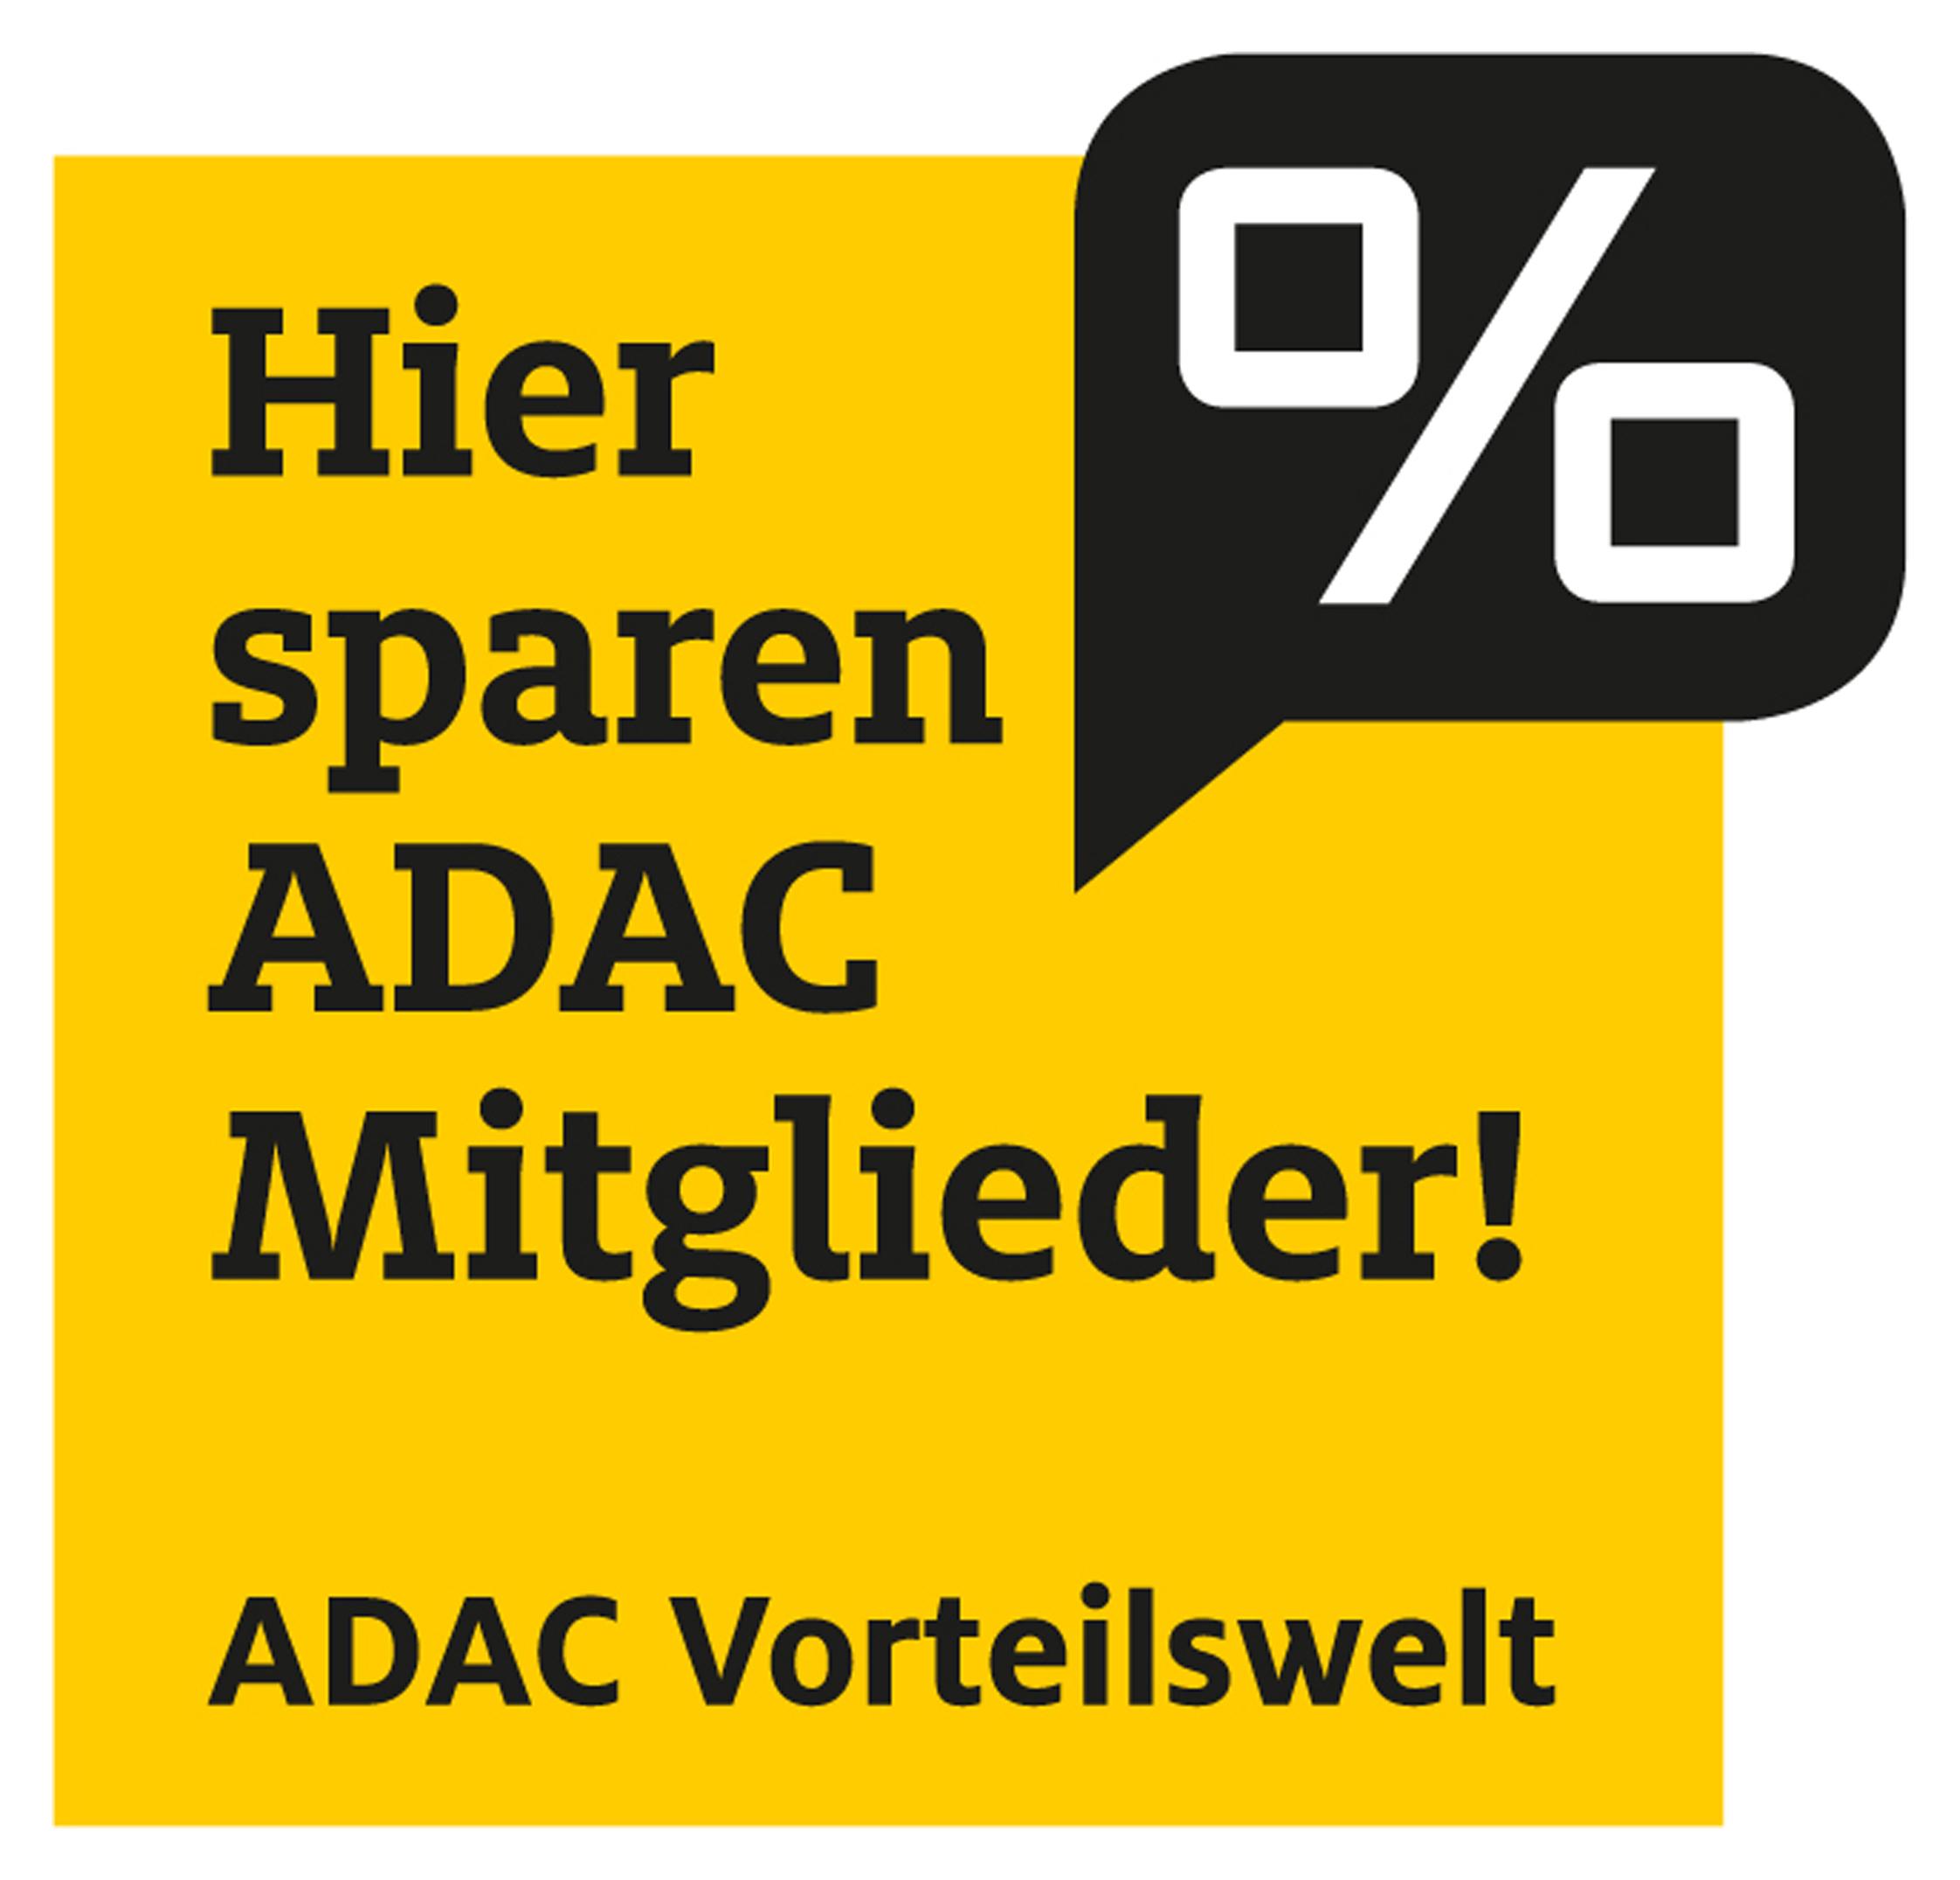 ADAC Vorteile